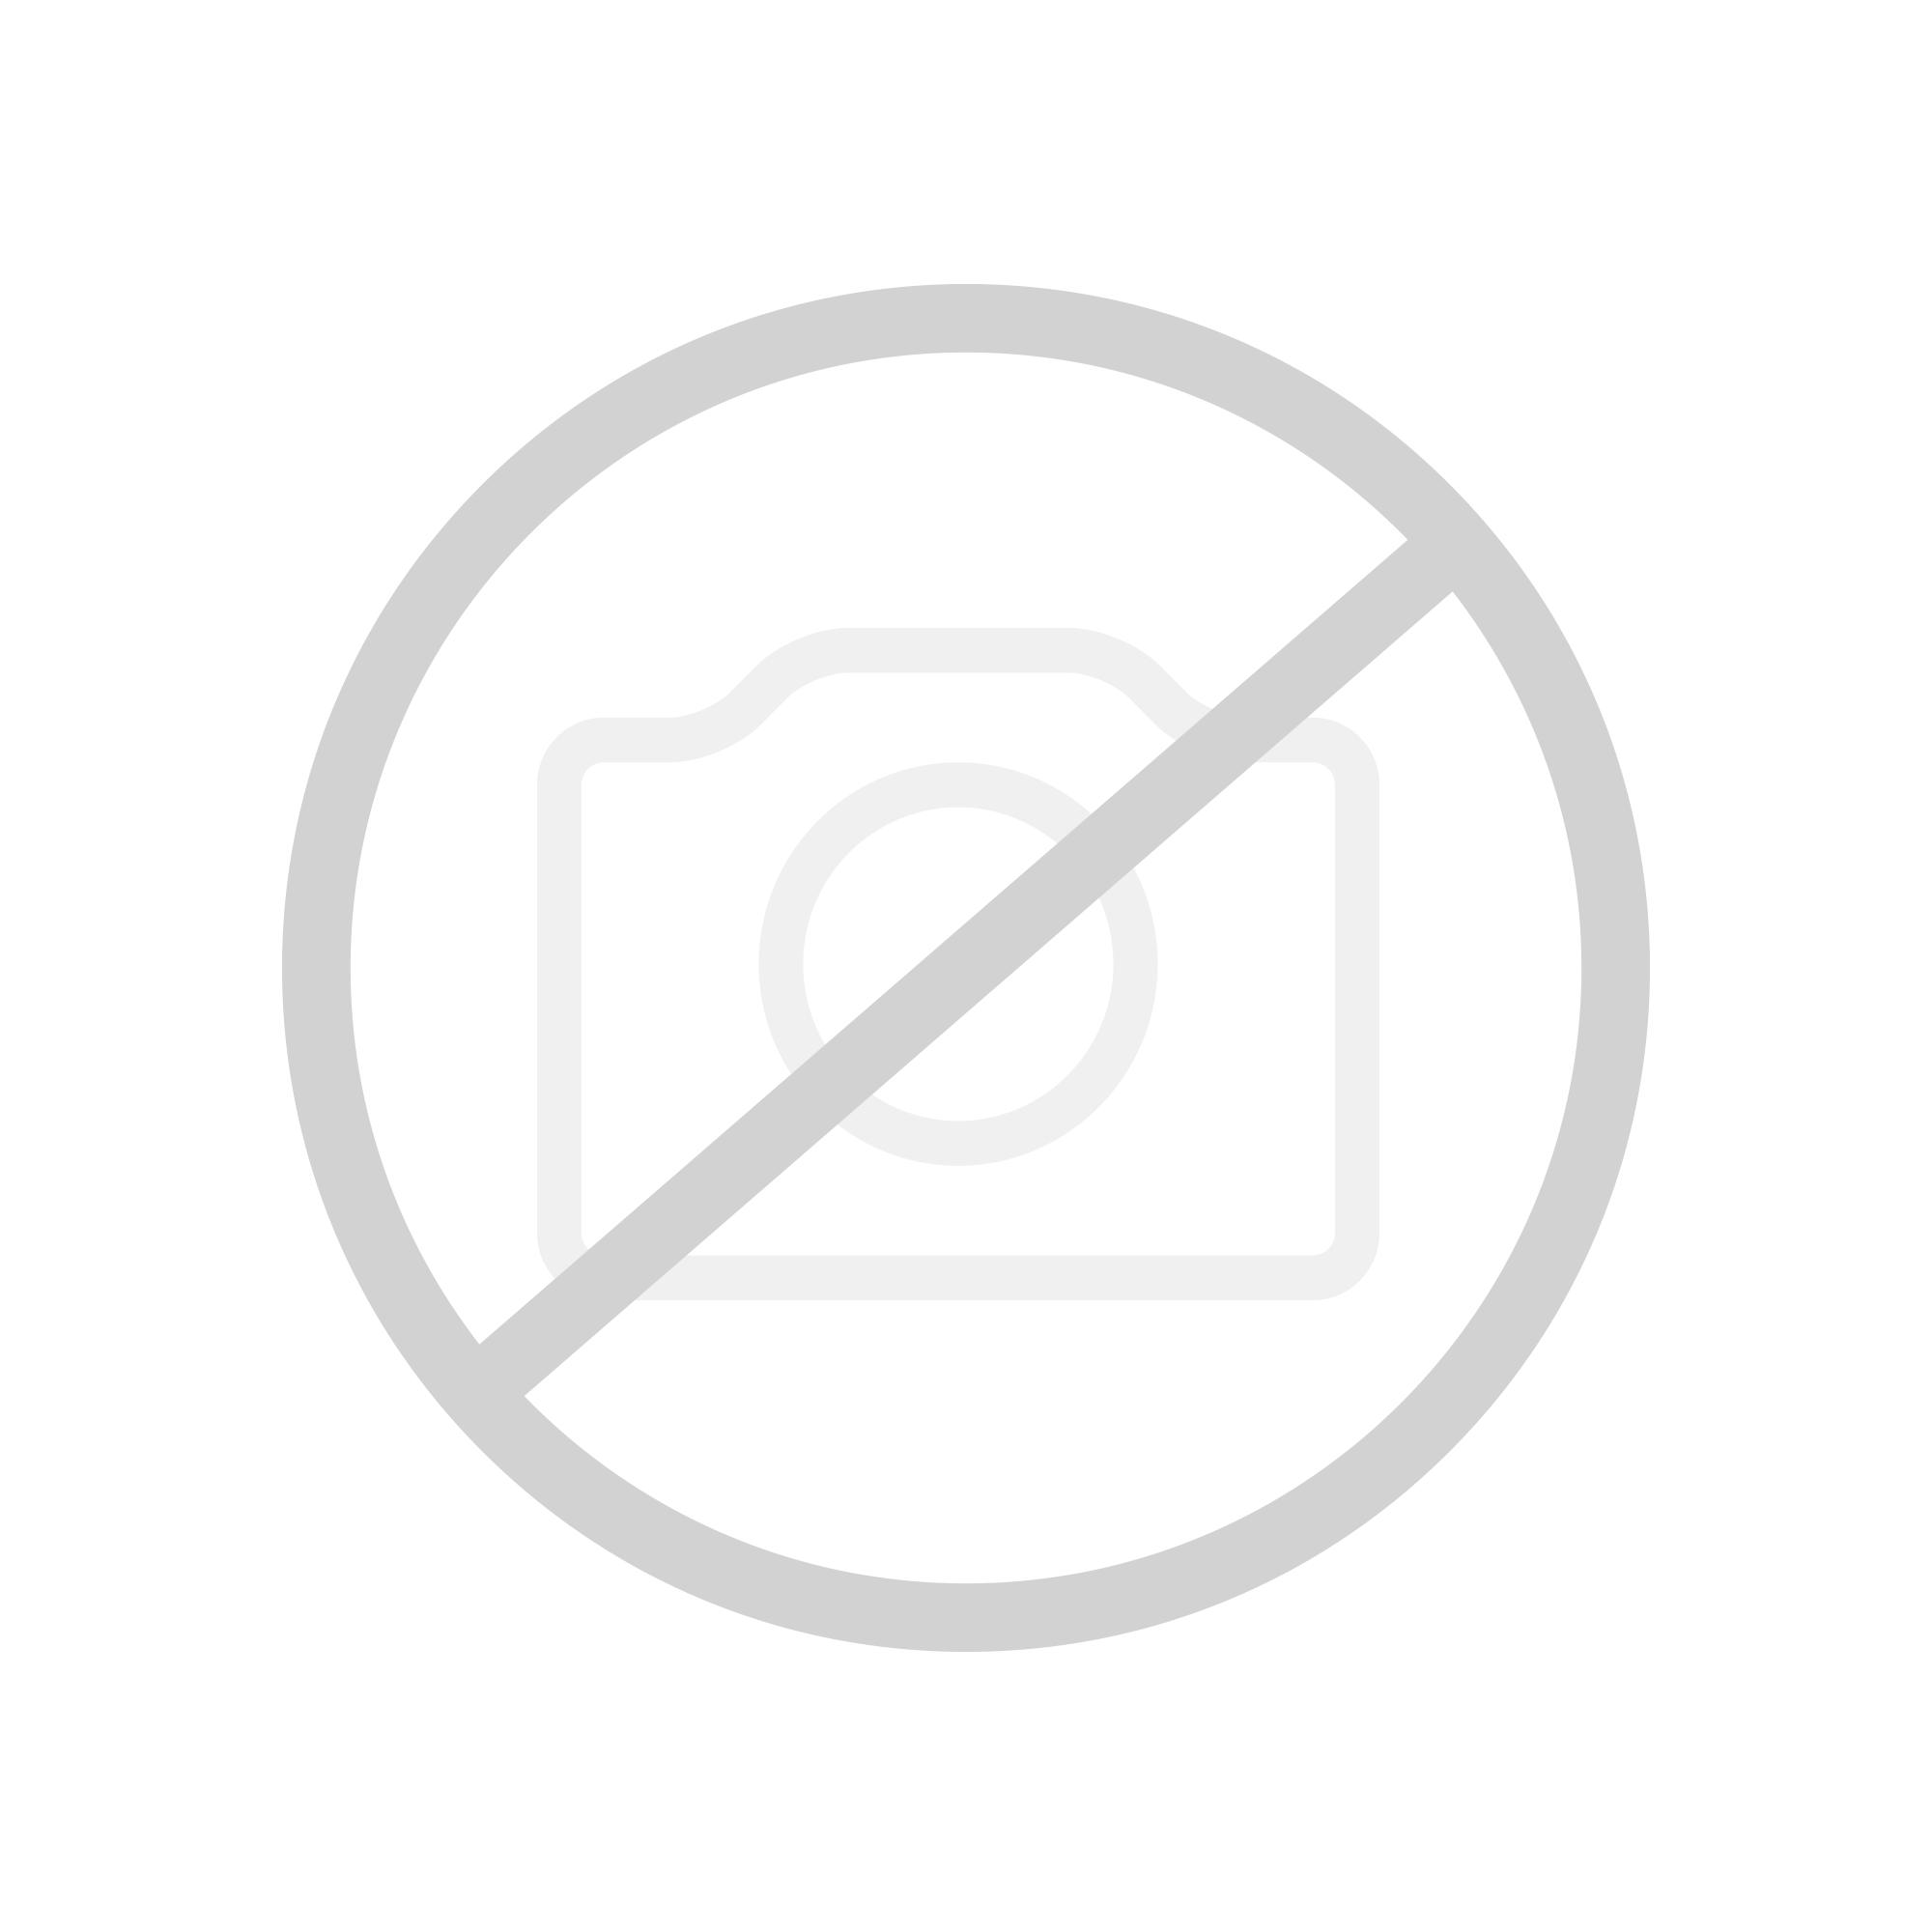 Duschabtrennung schiebetür kunststoff  Nischenduschen: Nischentüren für die Dusche bei REUTER